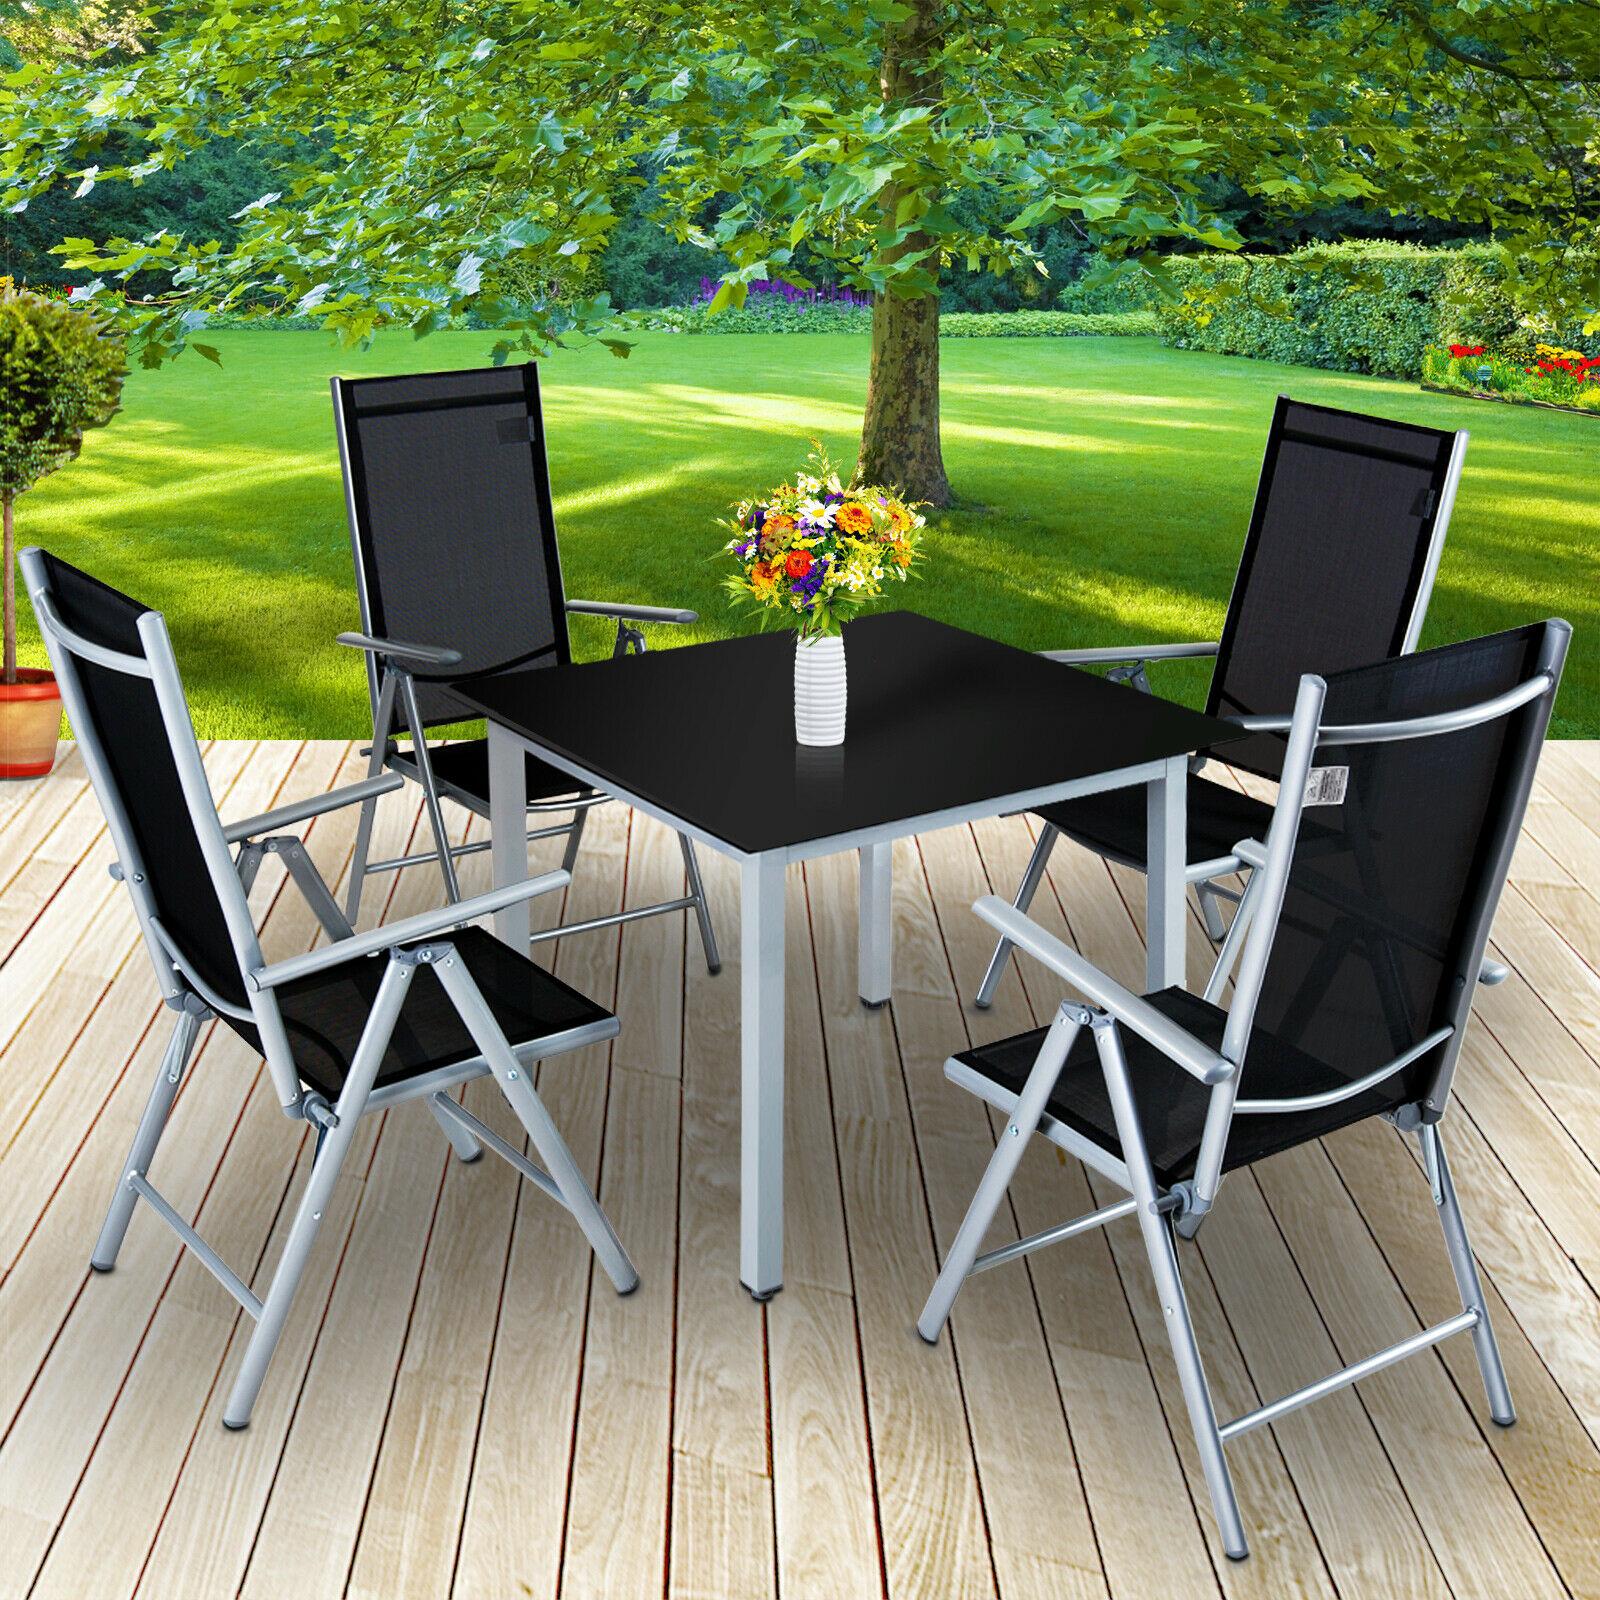 Full Size of Loungemöbel Alu Garten Fenster Holz Aluminium Preise Günstig Verbundplatte Küche Aluplast Wohnzimmer Loungemöbel Alu